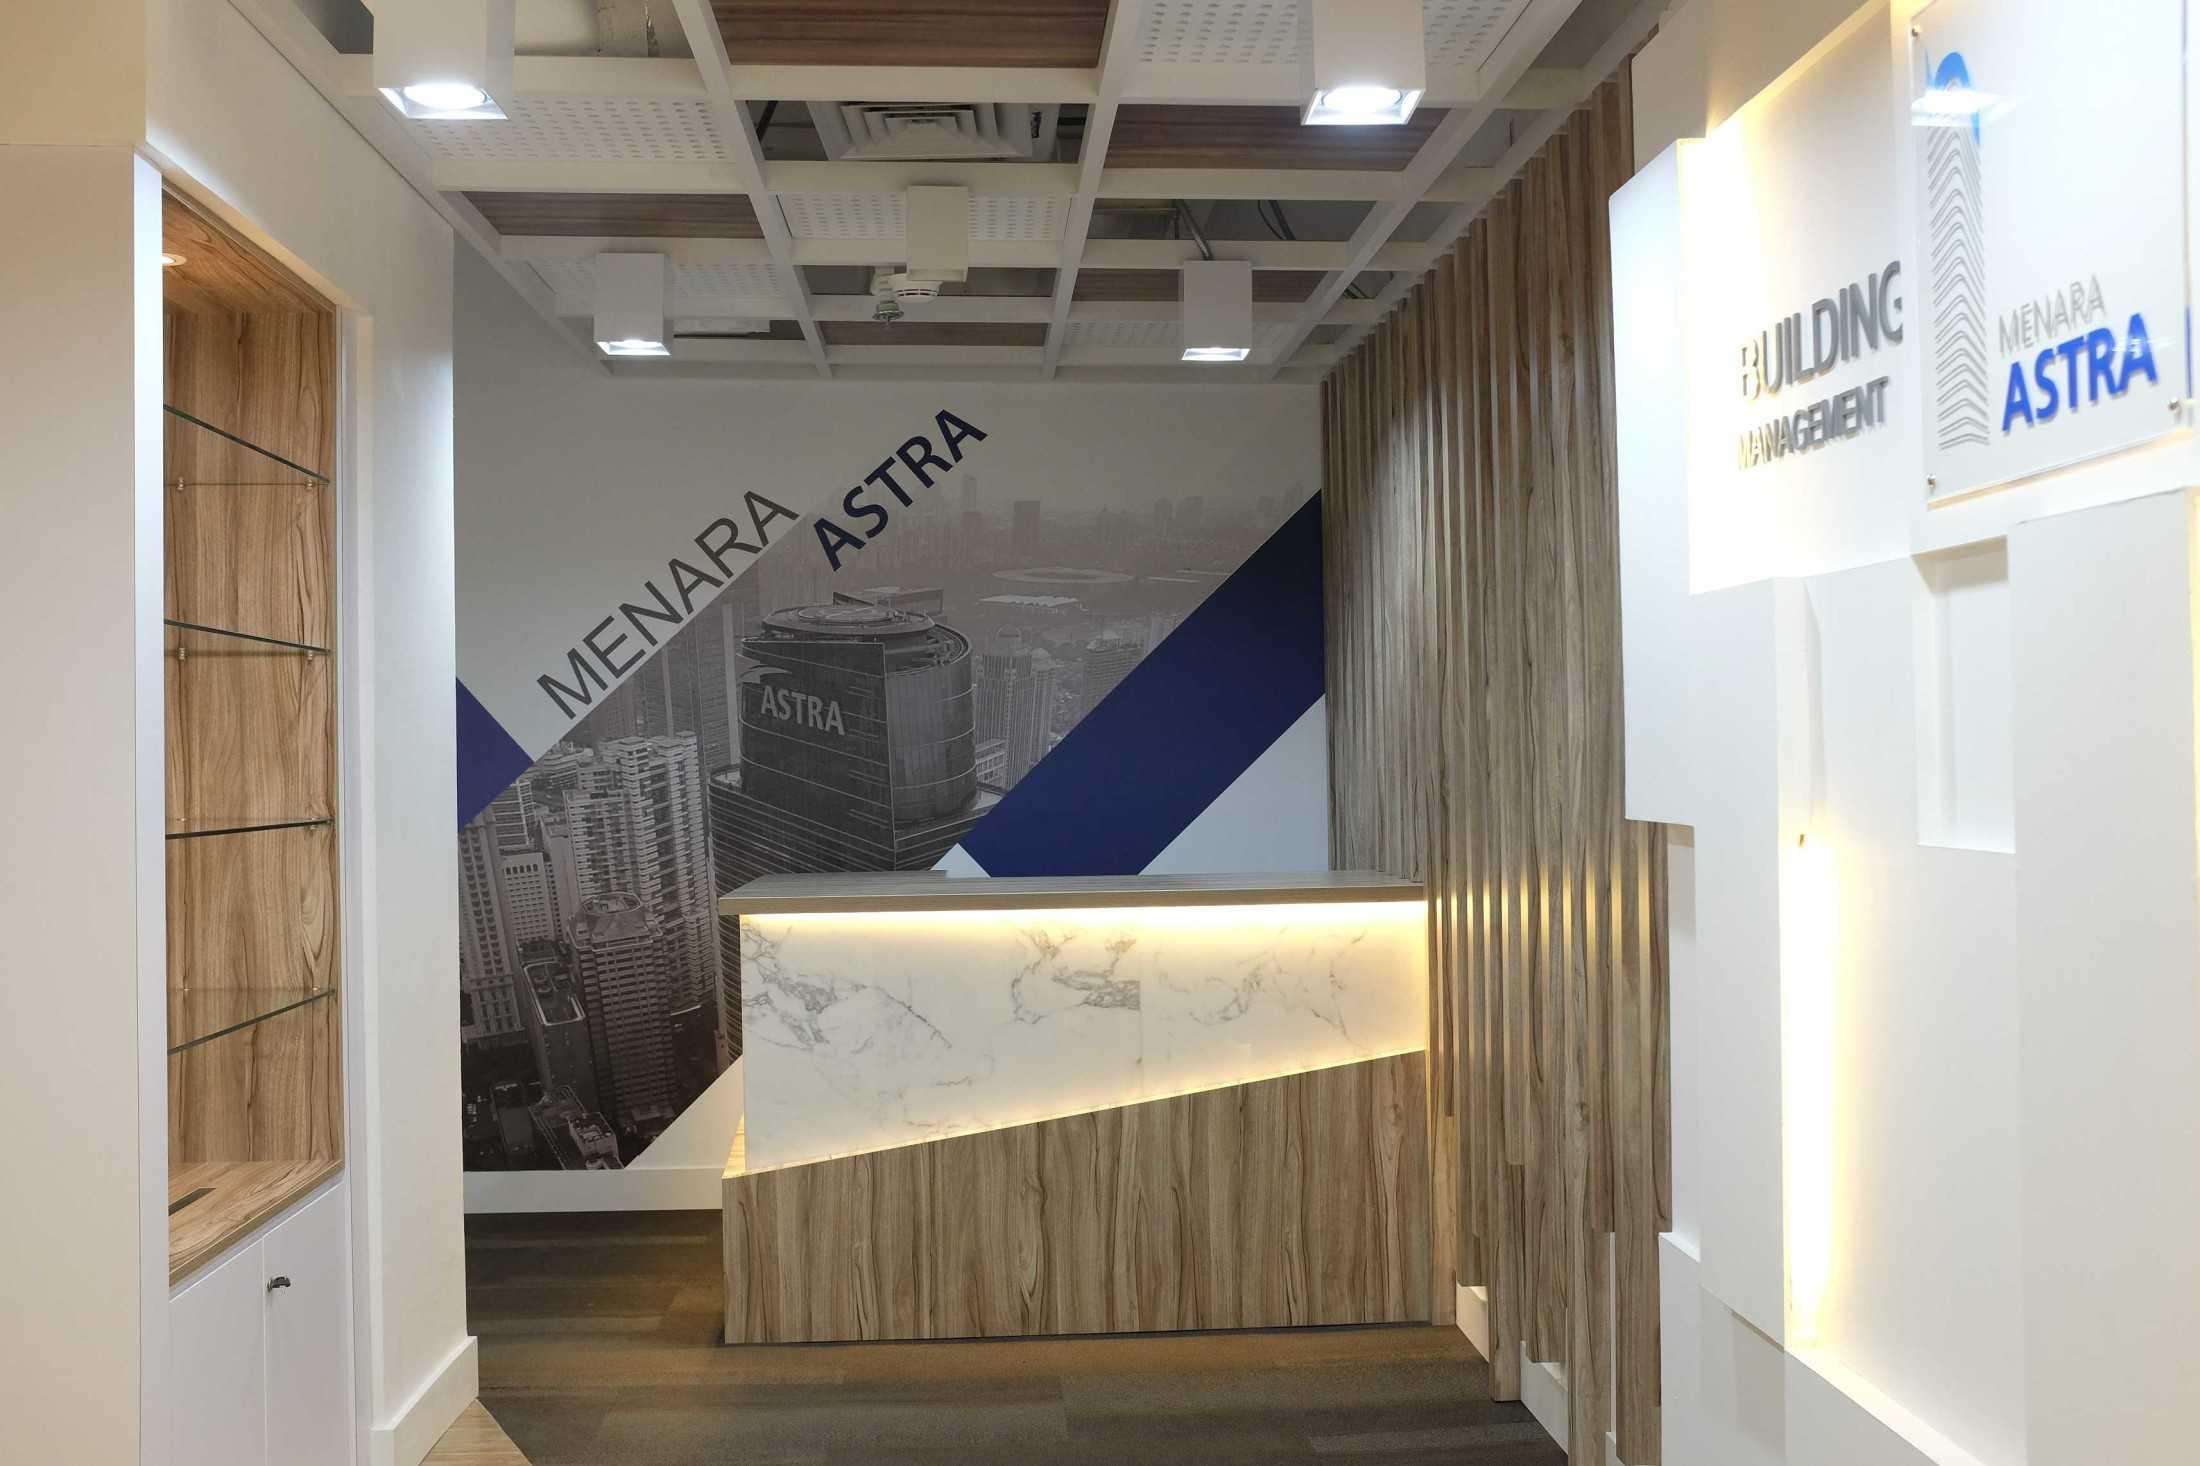 Kotak Design Menara Astra Bmo Daerah Khusus Ibukota Jakarta, Indonesia Daerah Khusus Ibukota Jakarta, Indonesia Kotak-Design-Menara-Astra-Bmo  56799